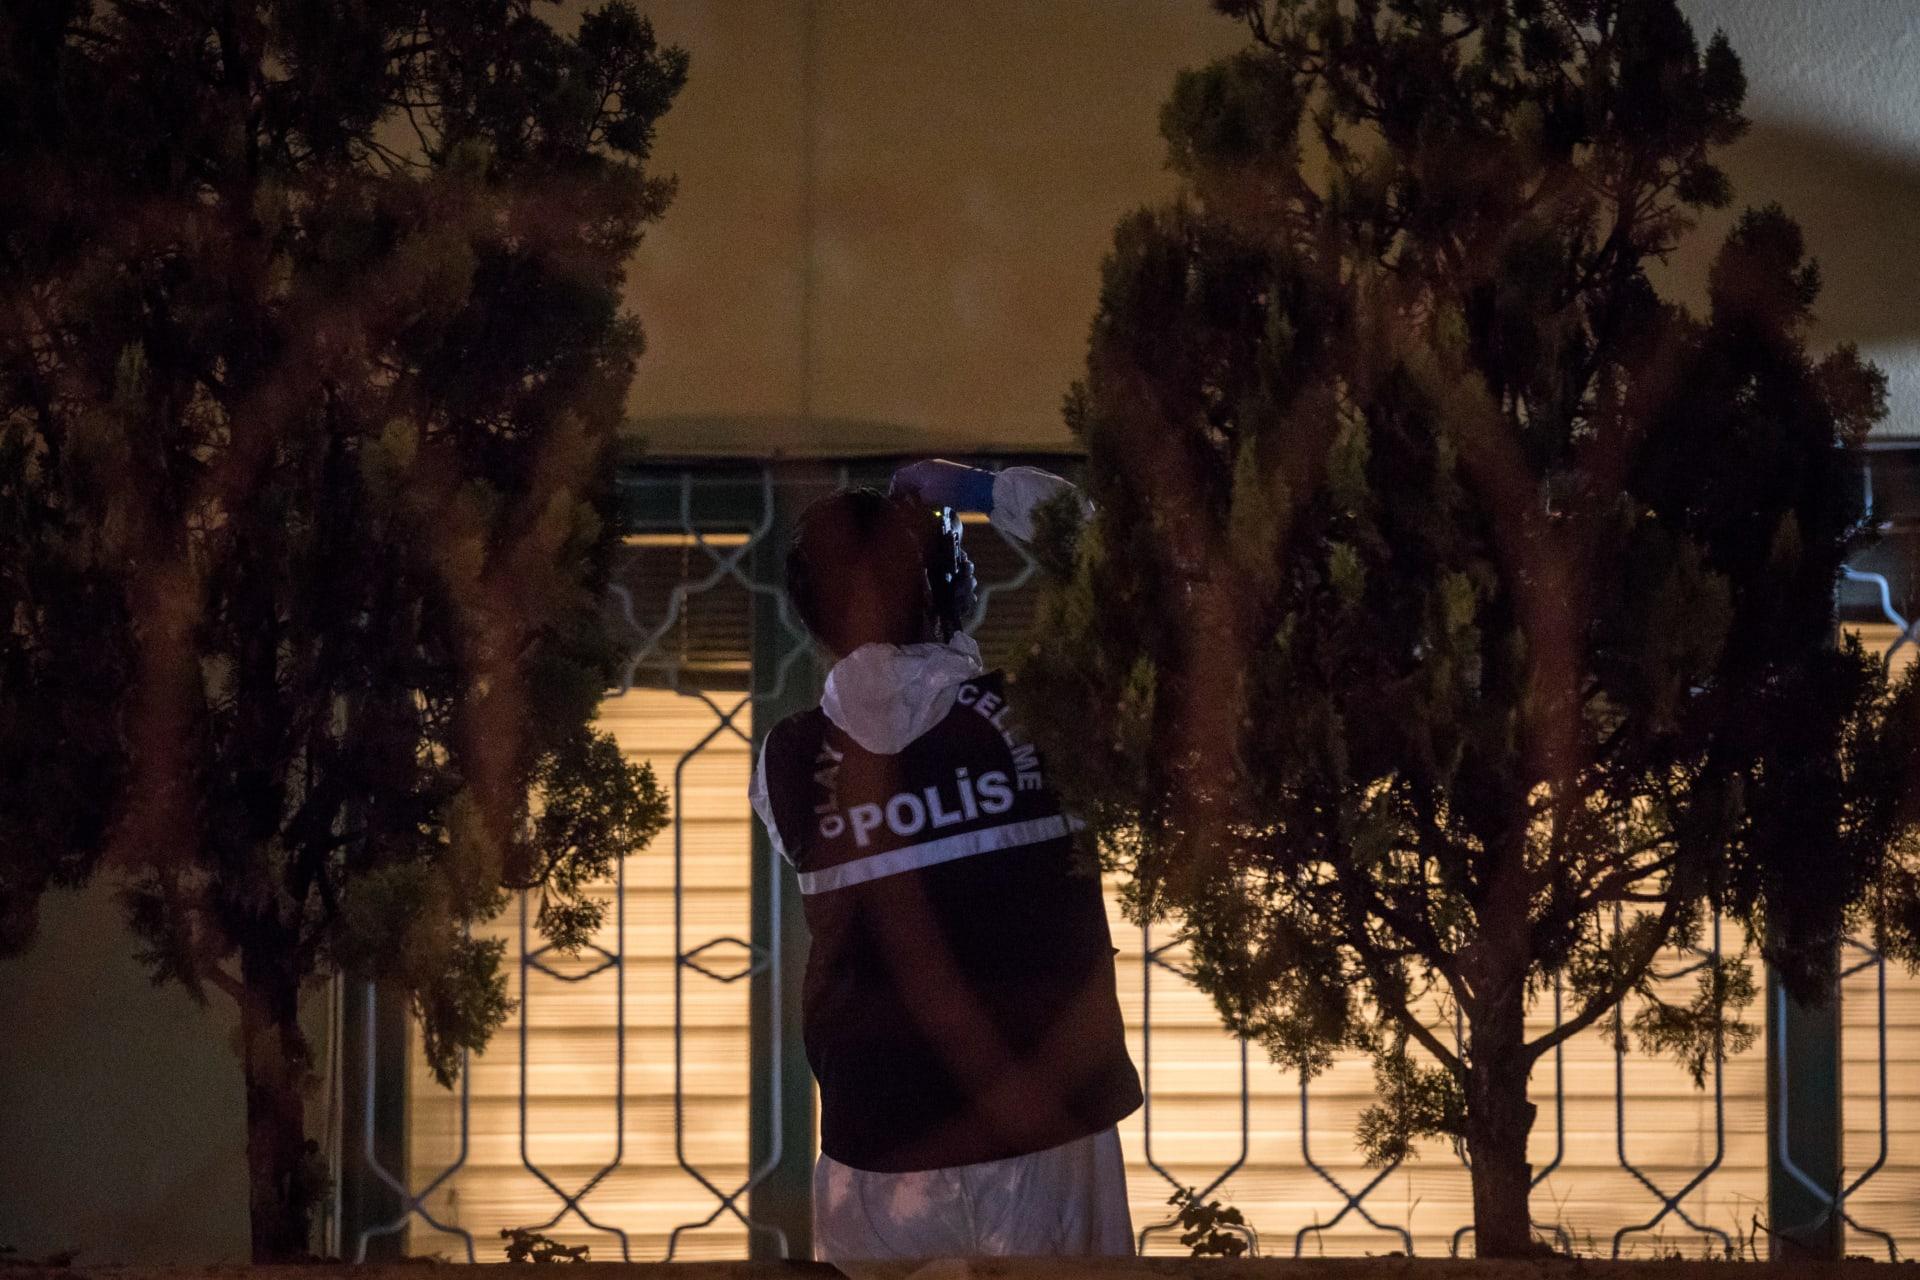 مسؤول تركي لـCNN: التعاون إيجابي مع السعودية بشأن قضية خاشقجي